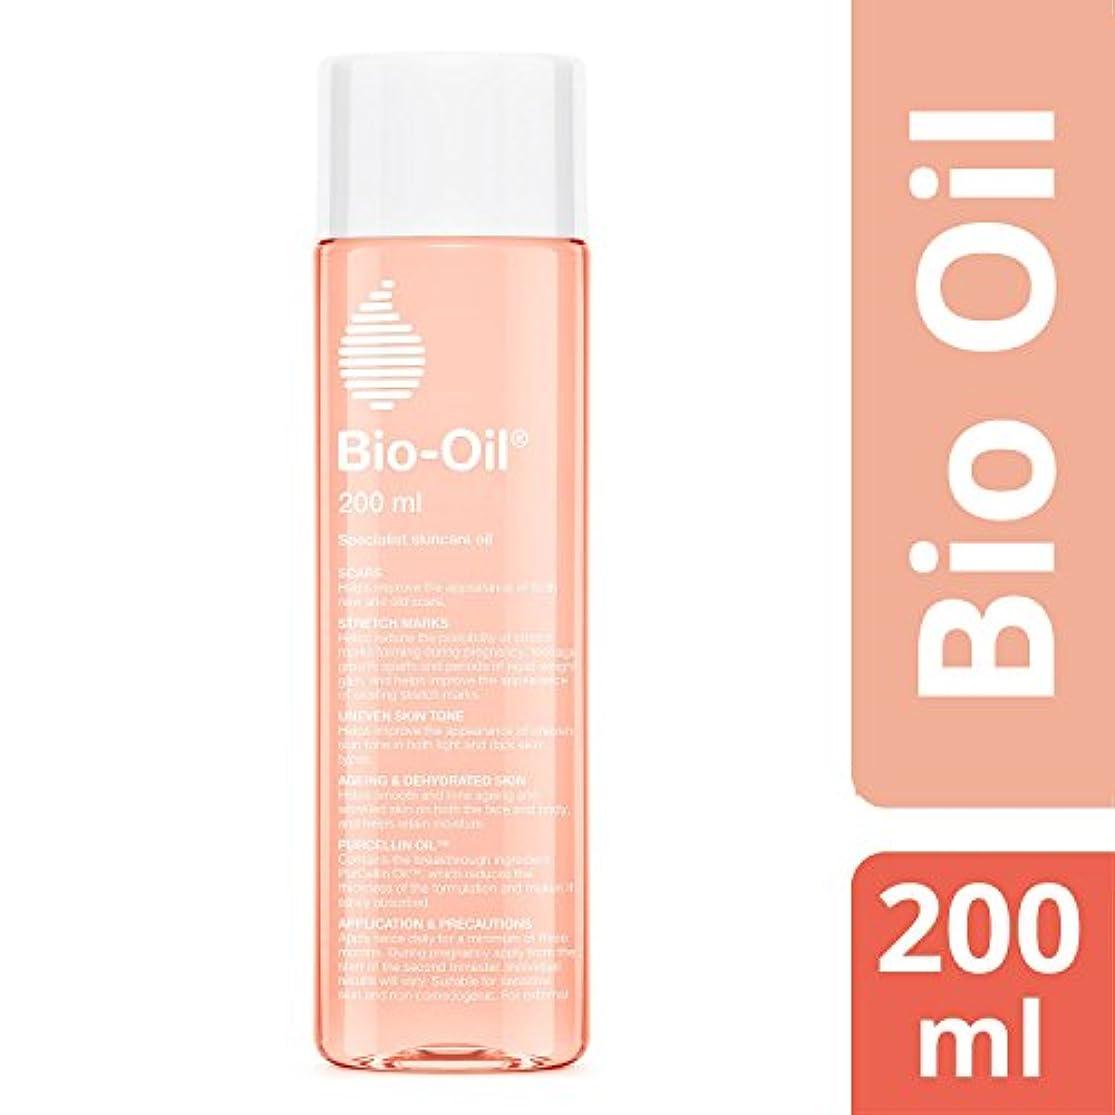 できる指要求Bio-Oil Specialist Skin Care Oil, 200ml